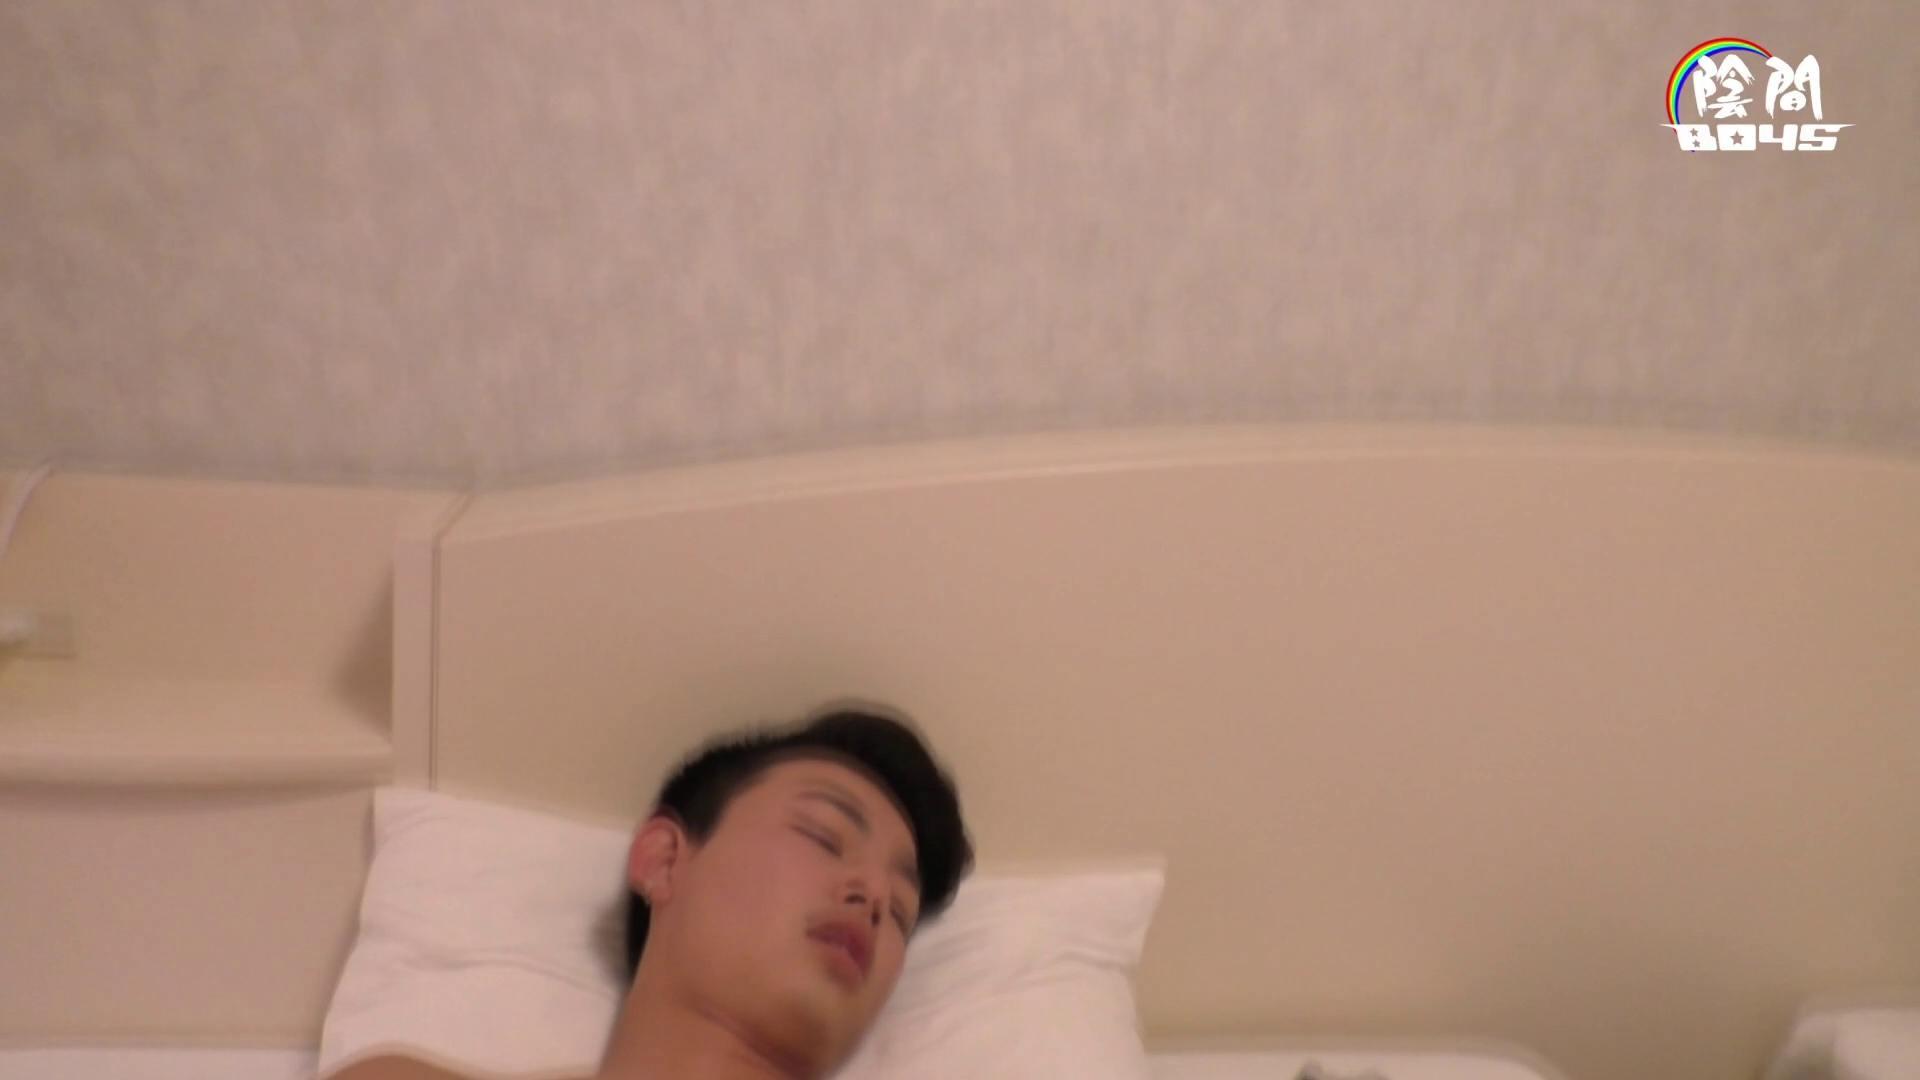 「君のアナルは」part2 ~ノンケの素顔~ Vol.09 ノンケまつり ゲイエロ動画 84枚 78